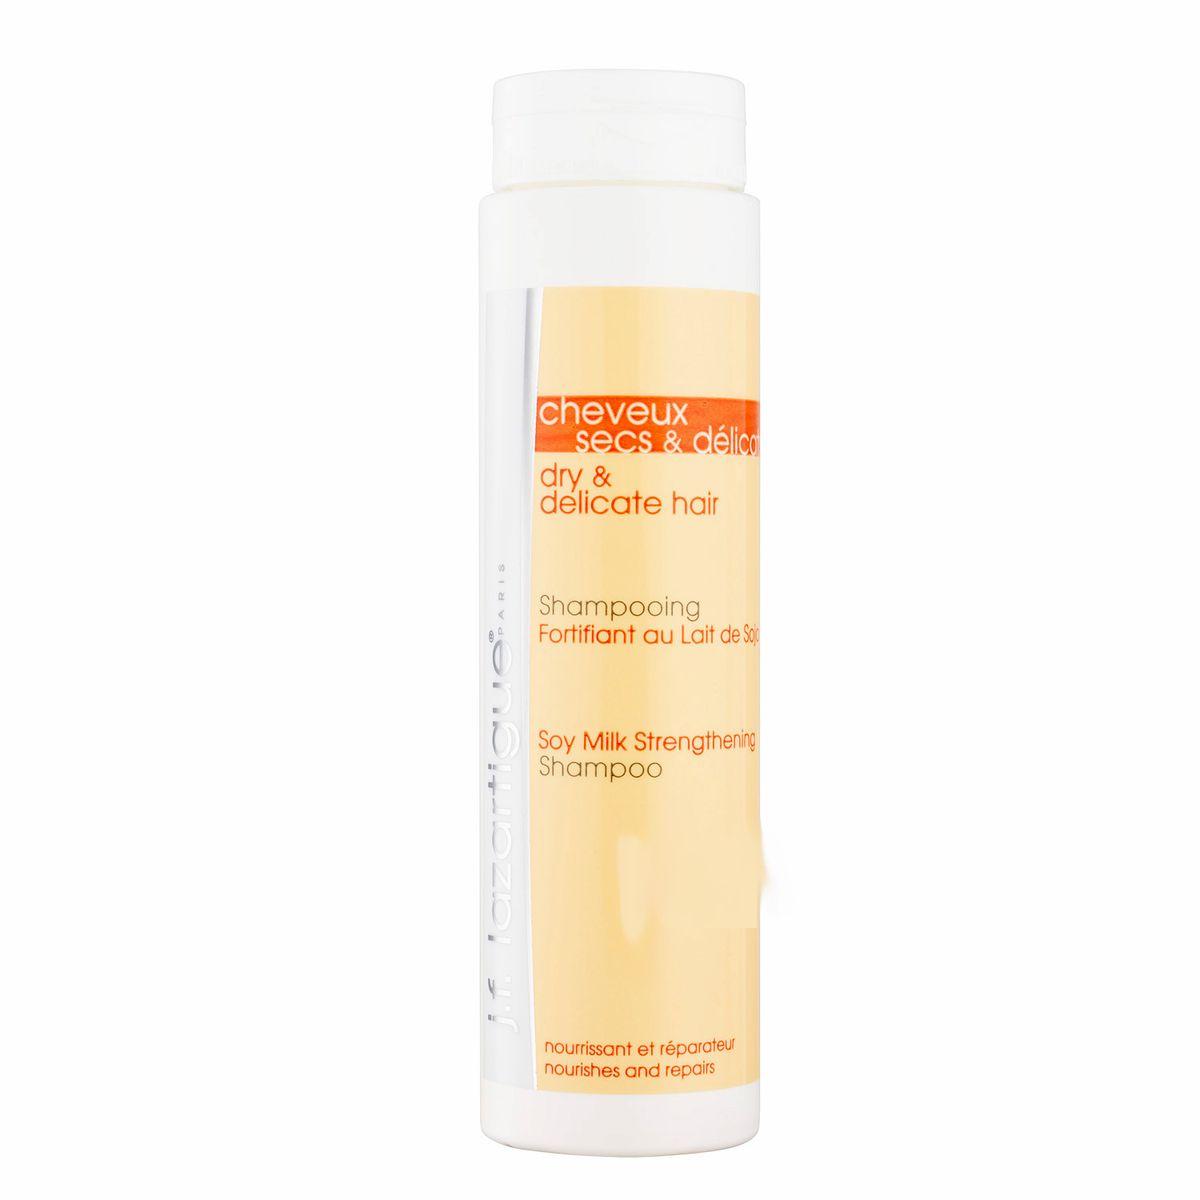 J.F.Lazartigue Укрепляющий шампунь с соевым молочком 200 мл01269Шампунь предназначен для частого и ежедневного использования. Смягчает волосы, придает им легкость. Благодаря содержанию соевого молочка защищает ломкие и ослабленные волосы от разрушения и дегидратации. Возвращает волосам жизненную силу и сияющий блеск. Особенно рекомендуется для ухода за сухими, ослабленными, тонкими волосами, имеющими небольшой объем.